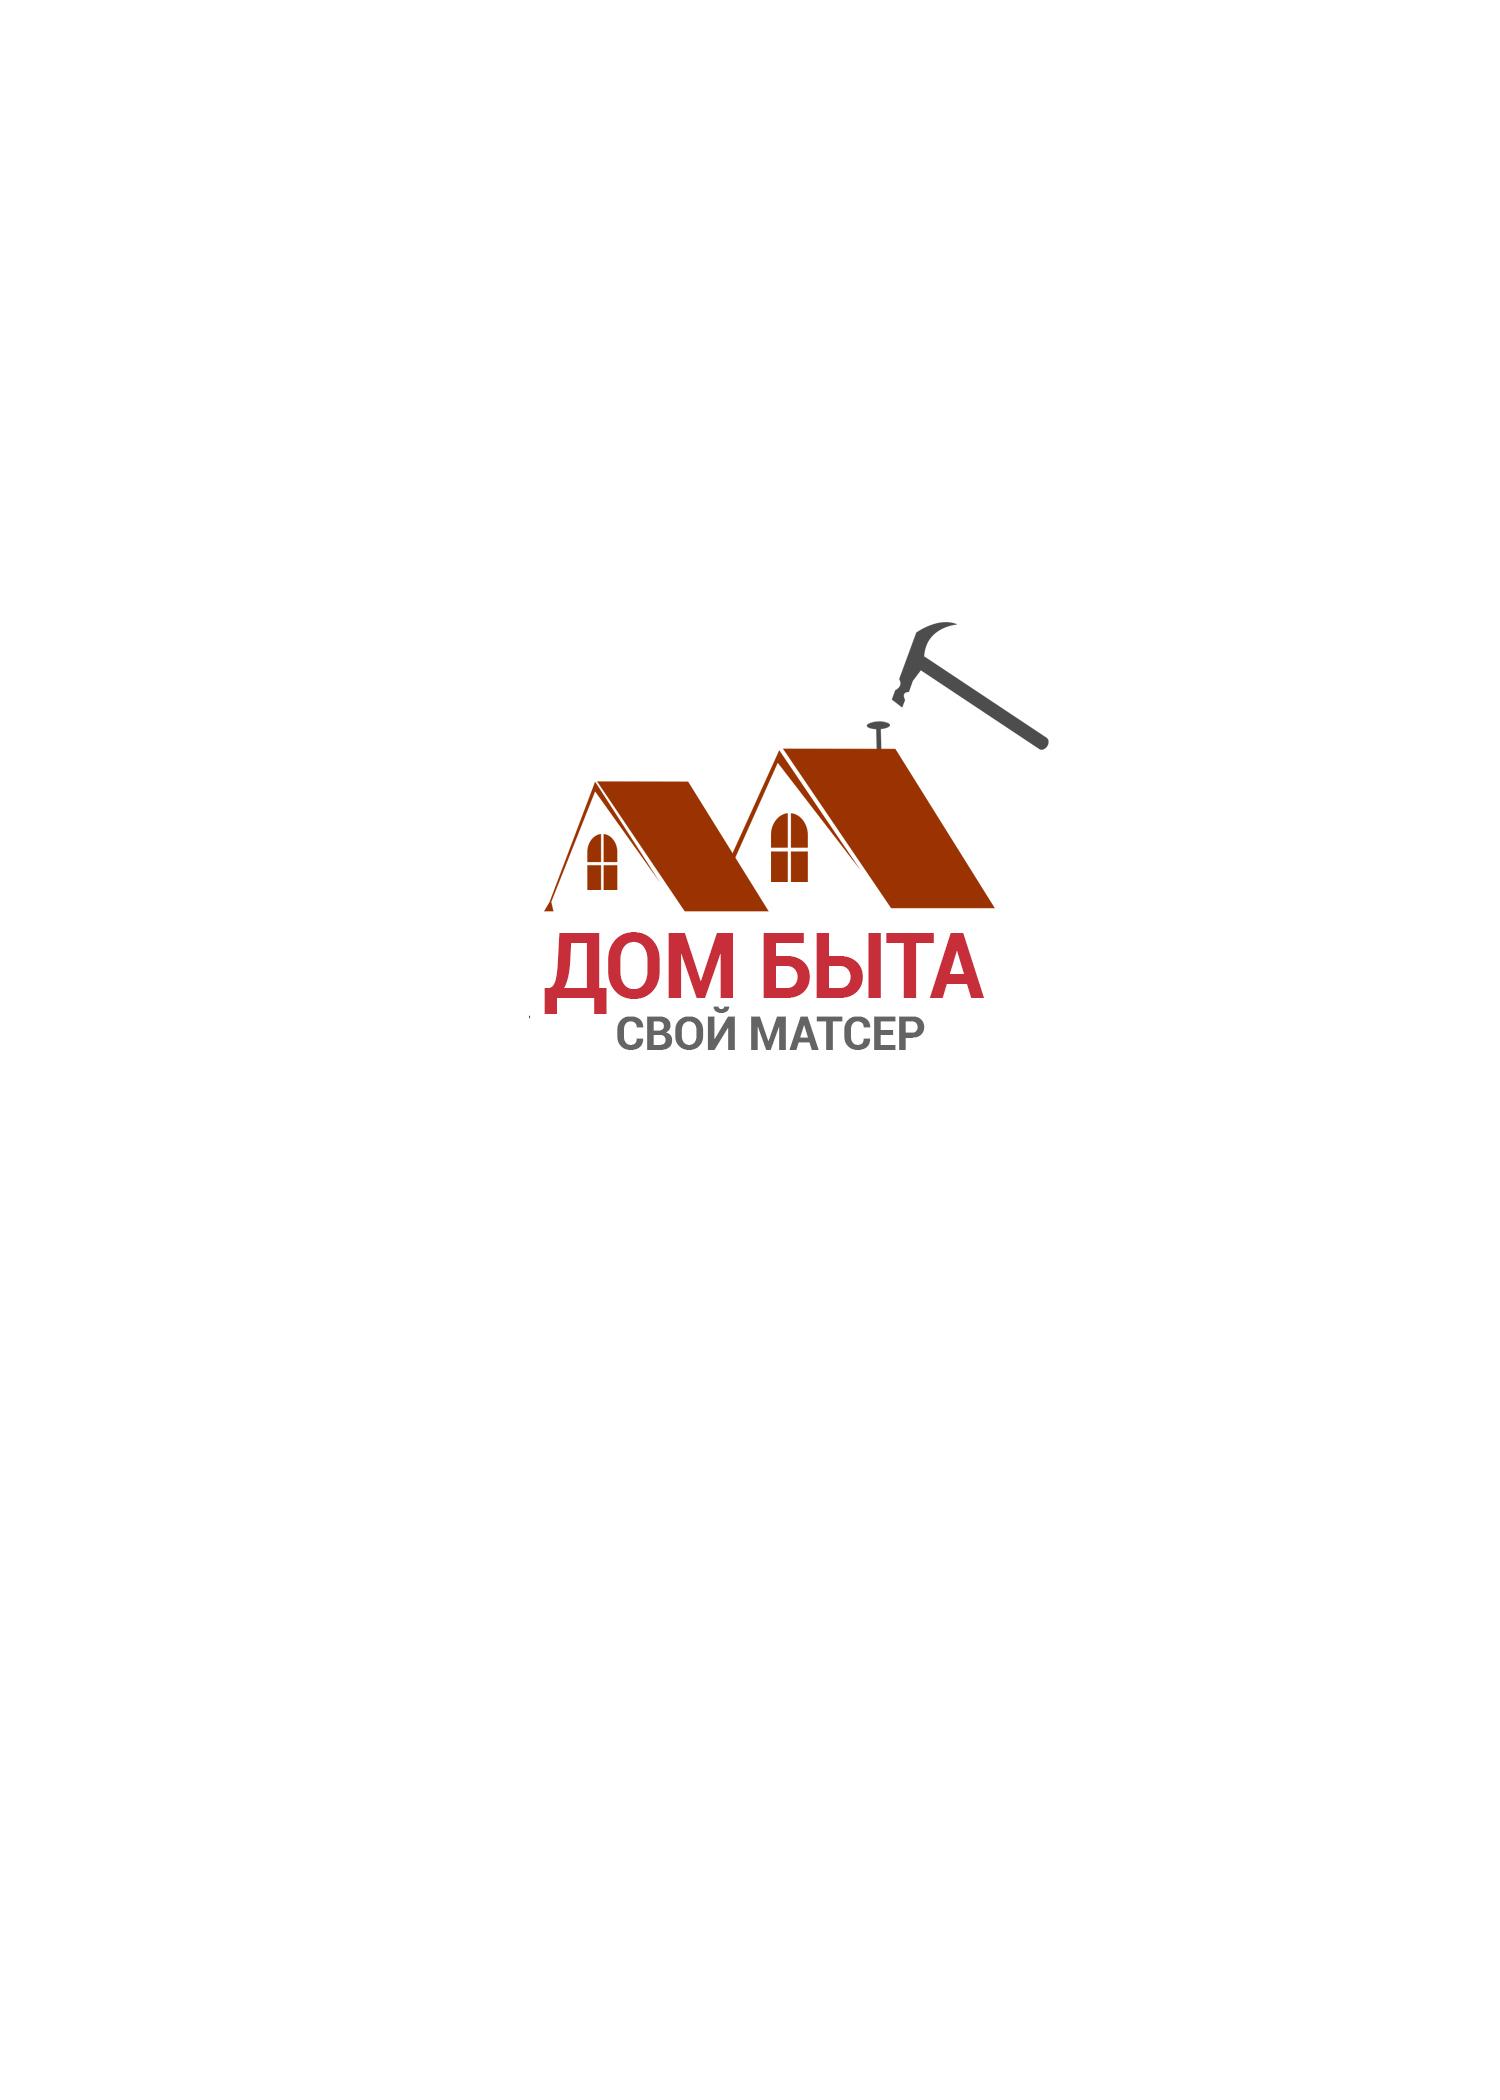 Логотип для сетевого ДОМ БЫТА фото f_6655d77d1639ba20.jpg